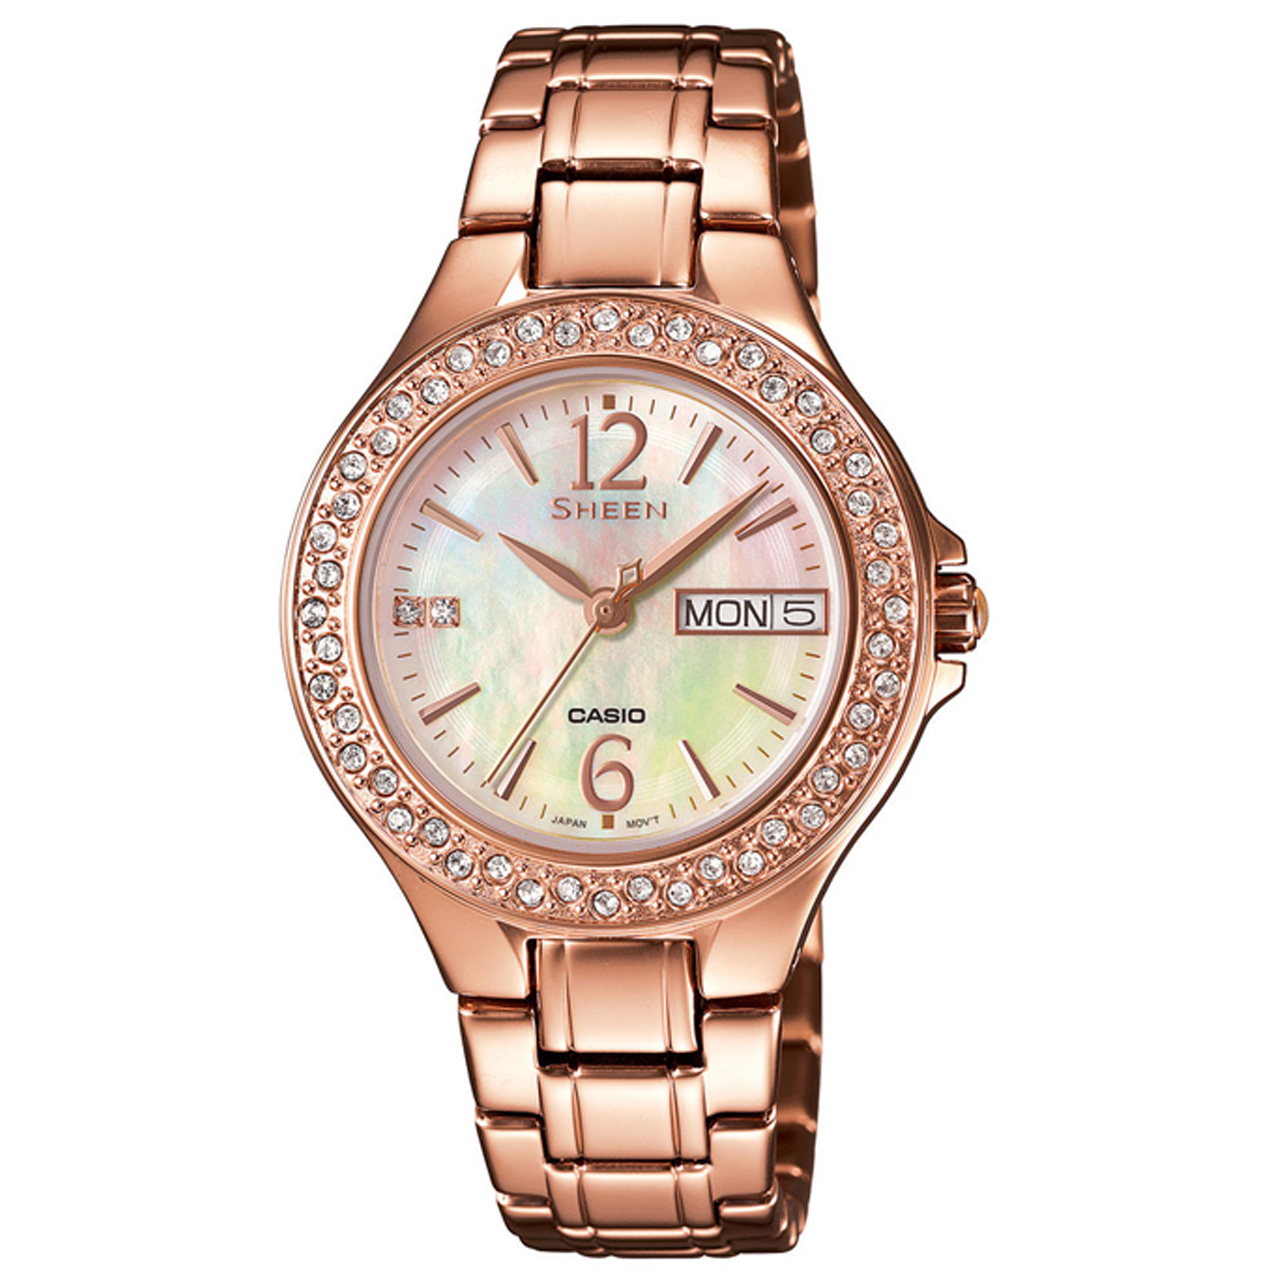 ساعت مچی عقربه ای زنانه کاسیو مدل SHE-4800PG-9AUDR